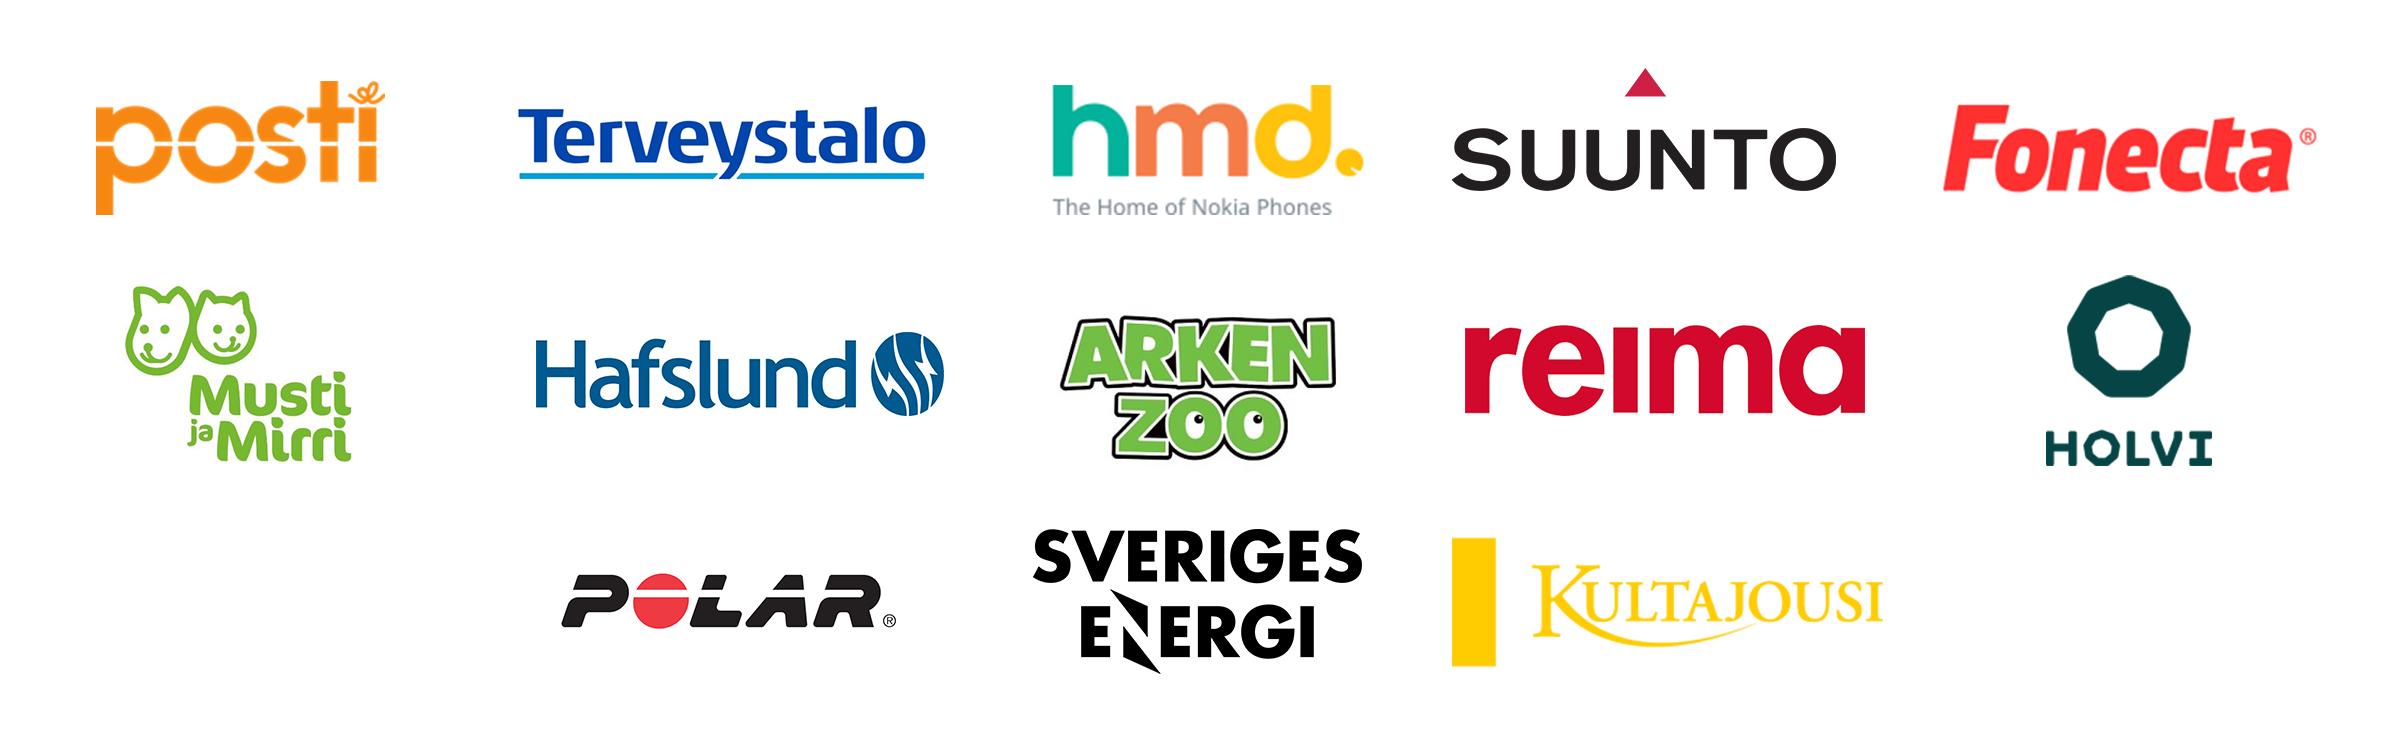 Suunto, Fonecta, Terveystalo, Hafslund och Sveriges Energi